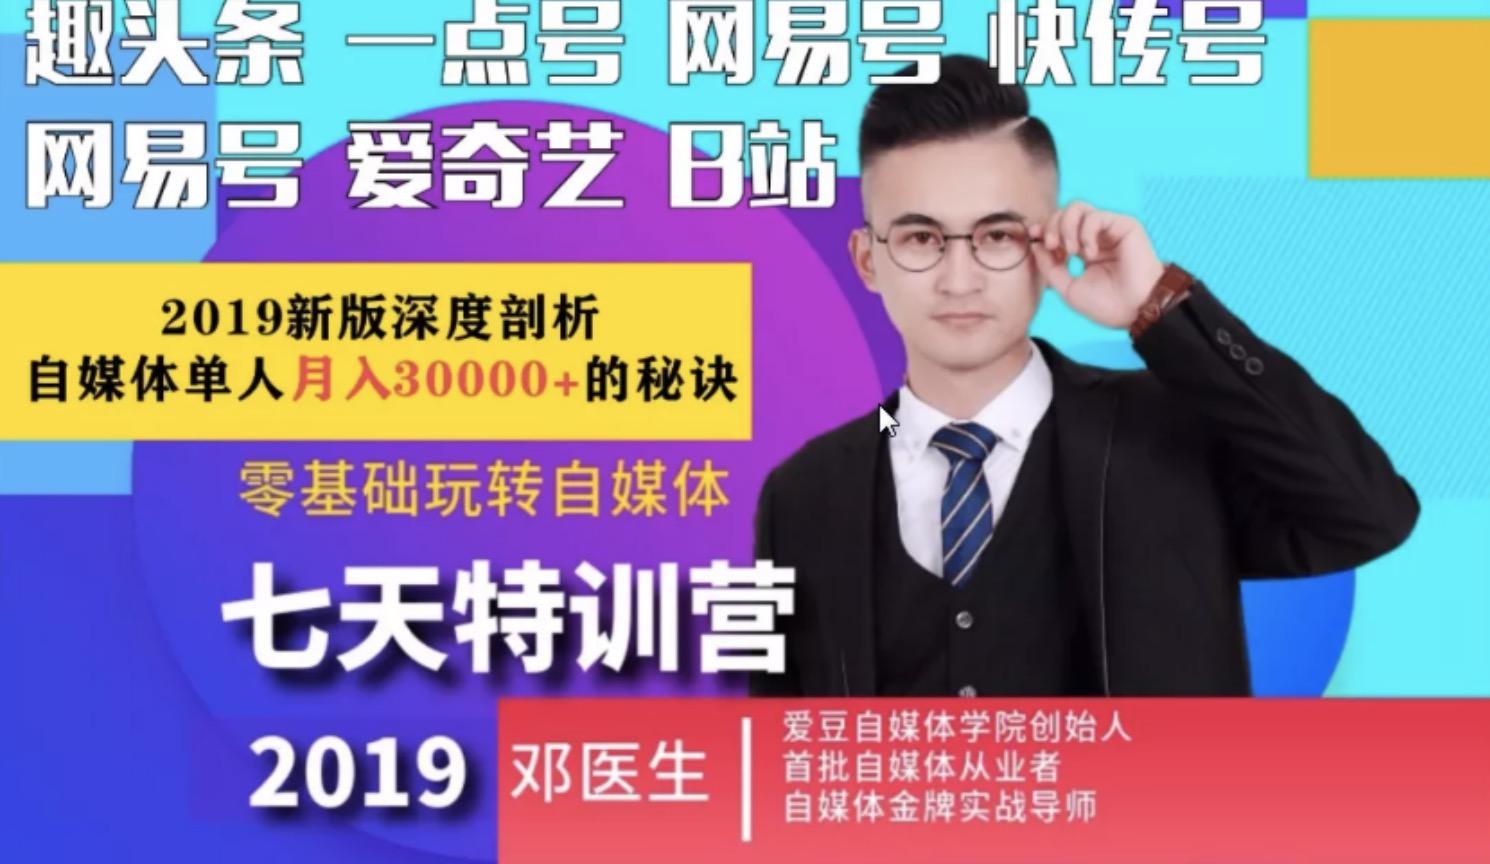 爱豆新媒2019最新自媒体课程,零基础玩转自媒体月入3w+